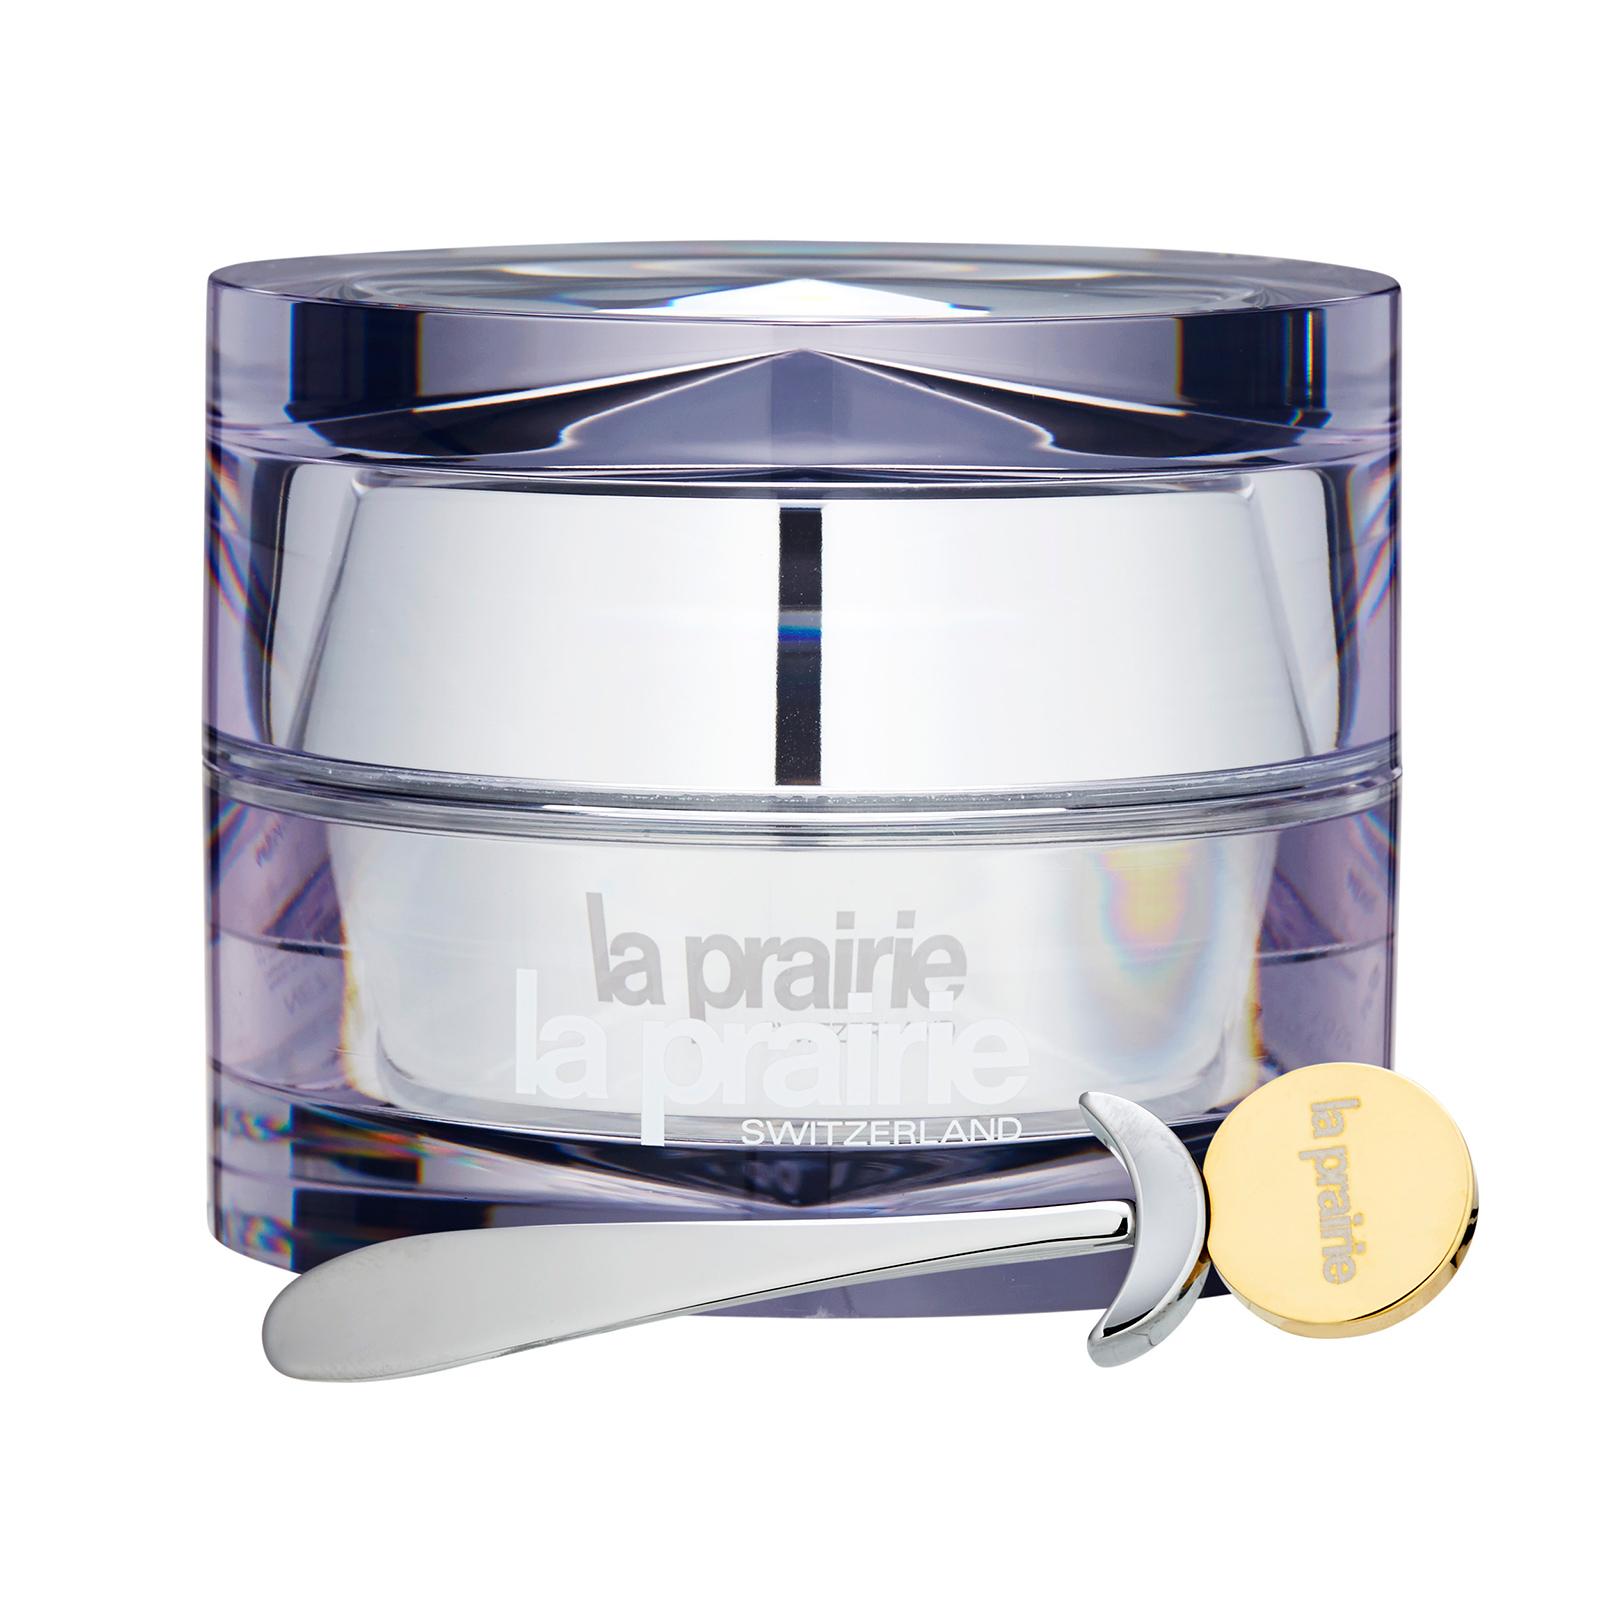 La Prairie Cellular  Cream Platinum Rare 1oz, 30ml from Cosme-De.com